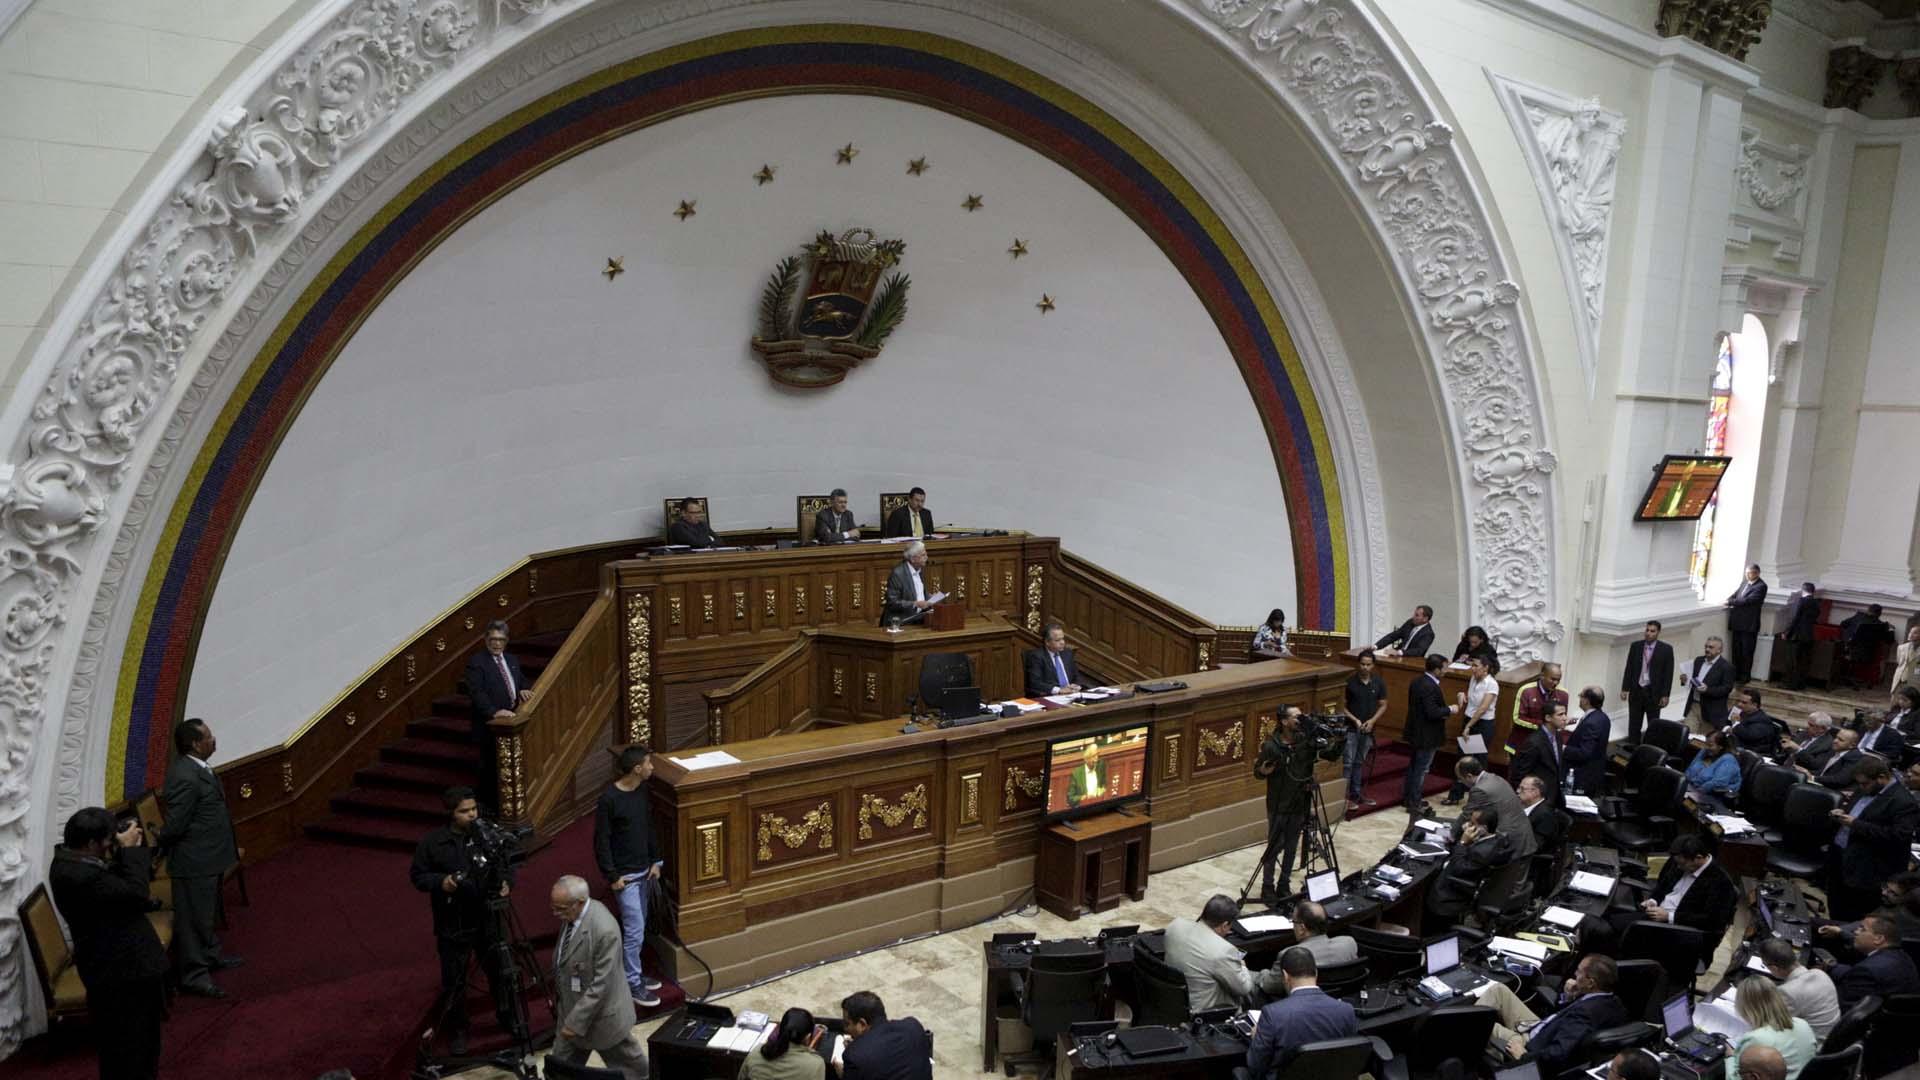 El proyecto que prevé la publicación de datos oficiales fue discutido en el Parlamento anterior sin éxito alguno